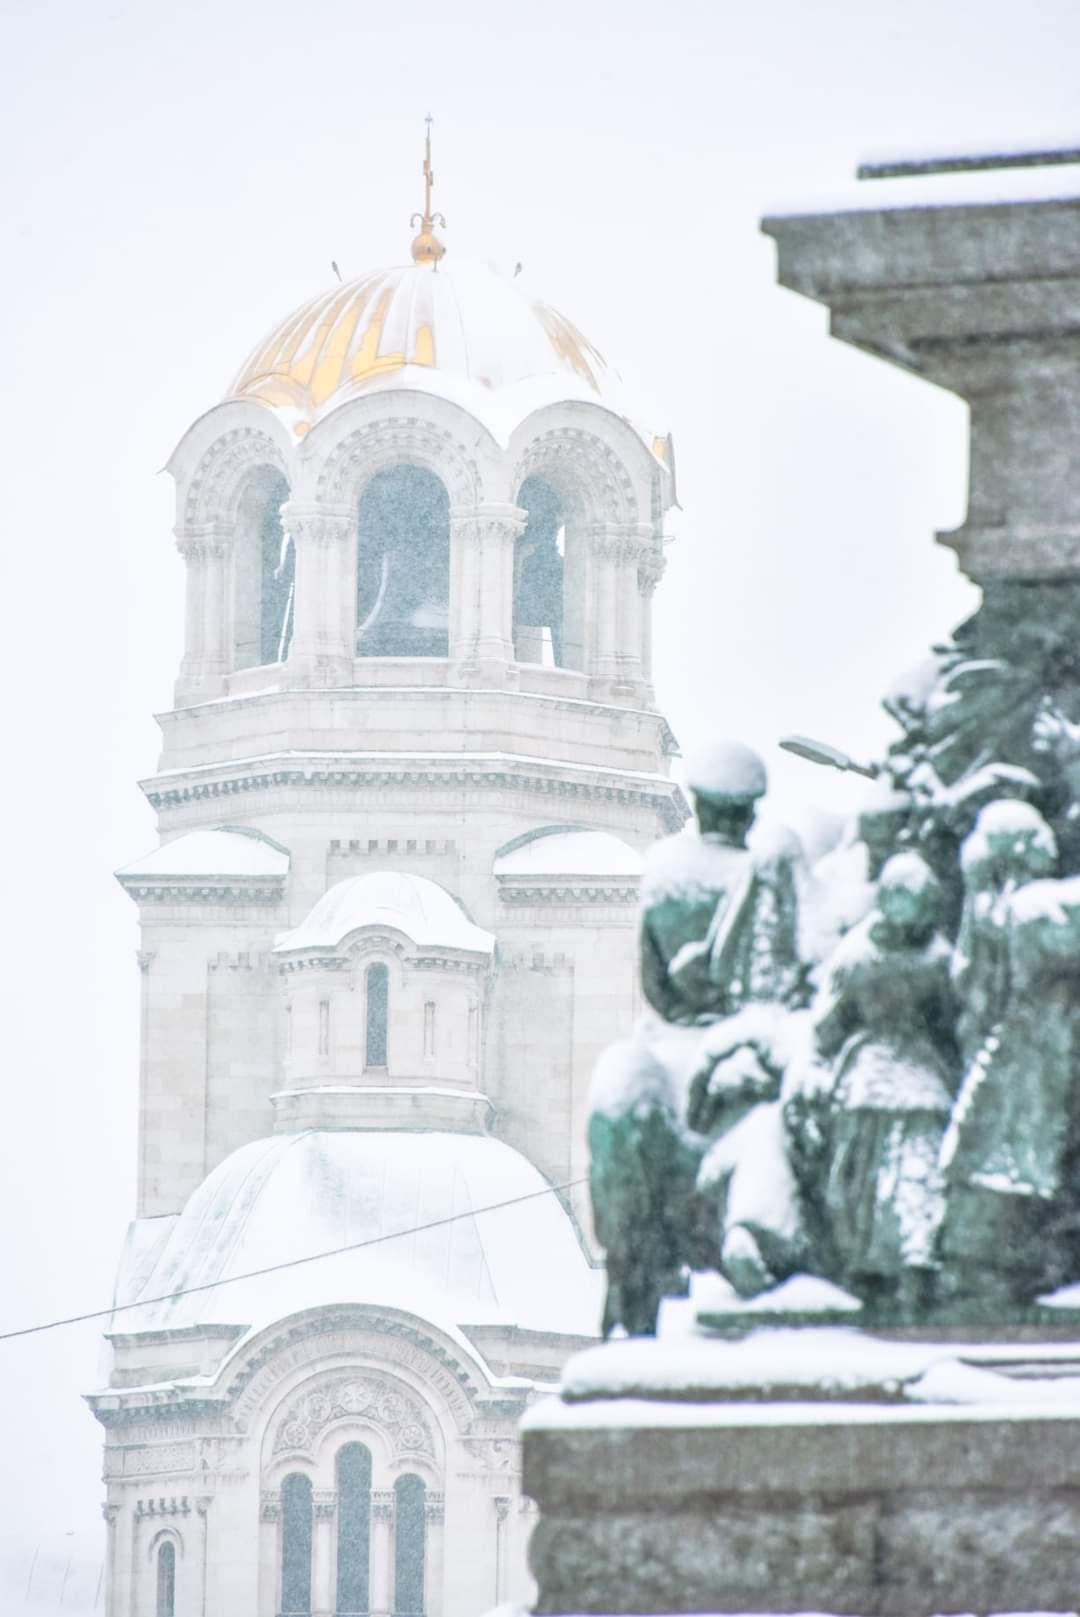 Στα λευκά ντύθηκε η Βουλγαρία – Κατεβαίνει στη Θράκη το χιόνι